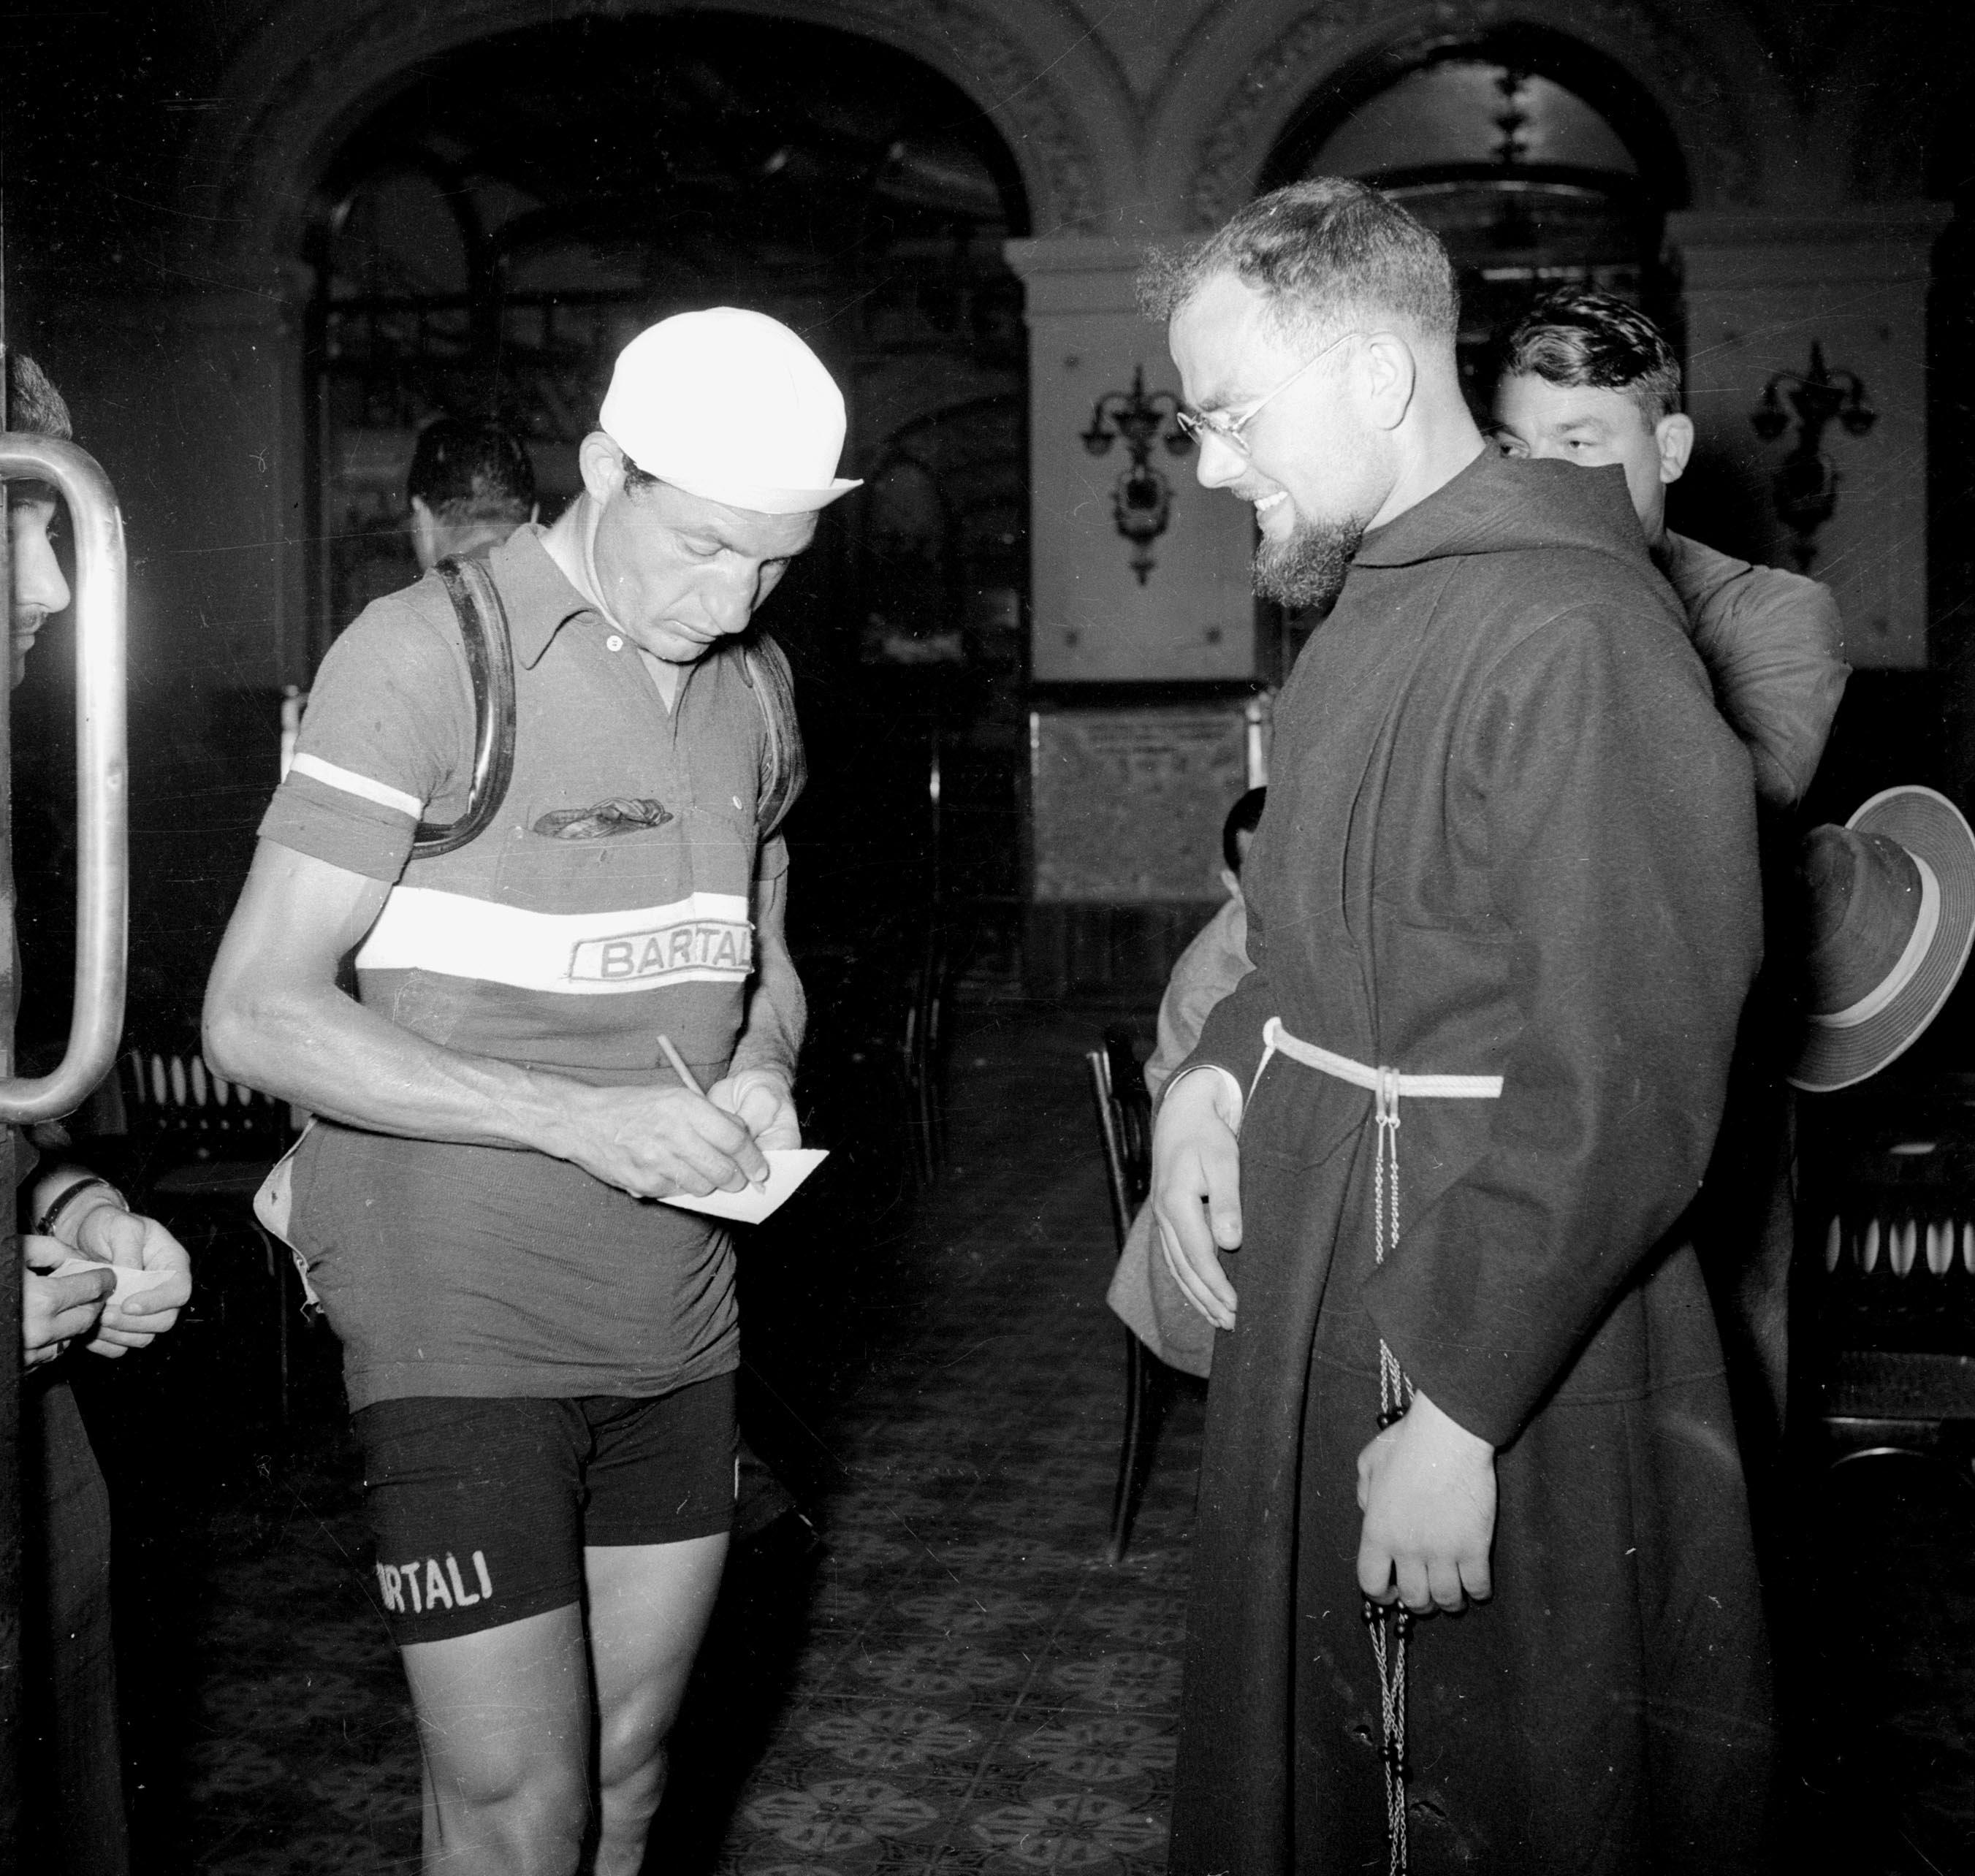 En munk får autografen til Bartali under Tour de France. Foto: Presse Sport.